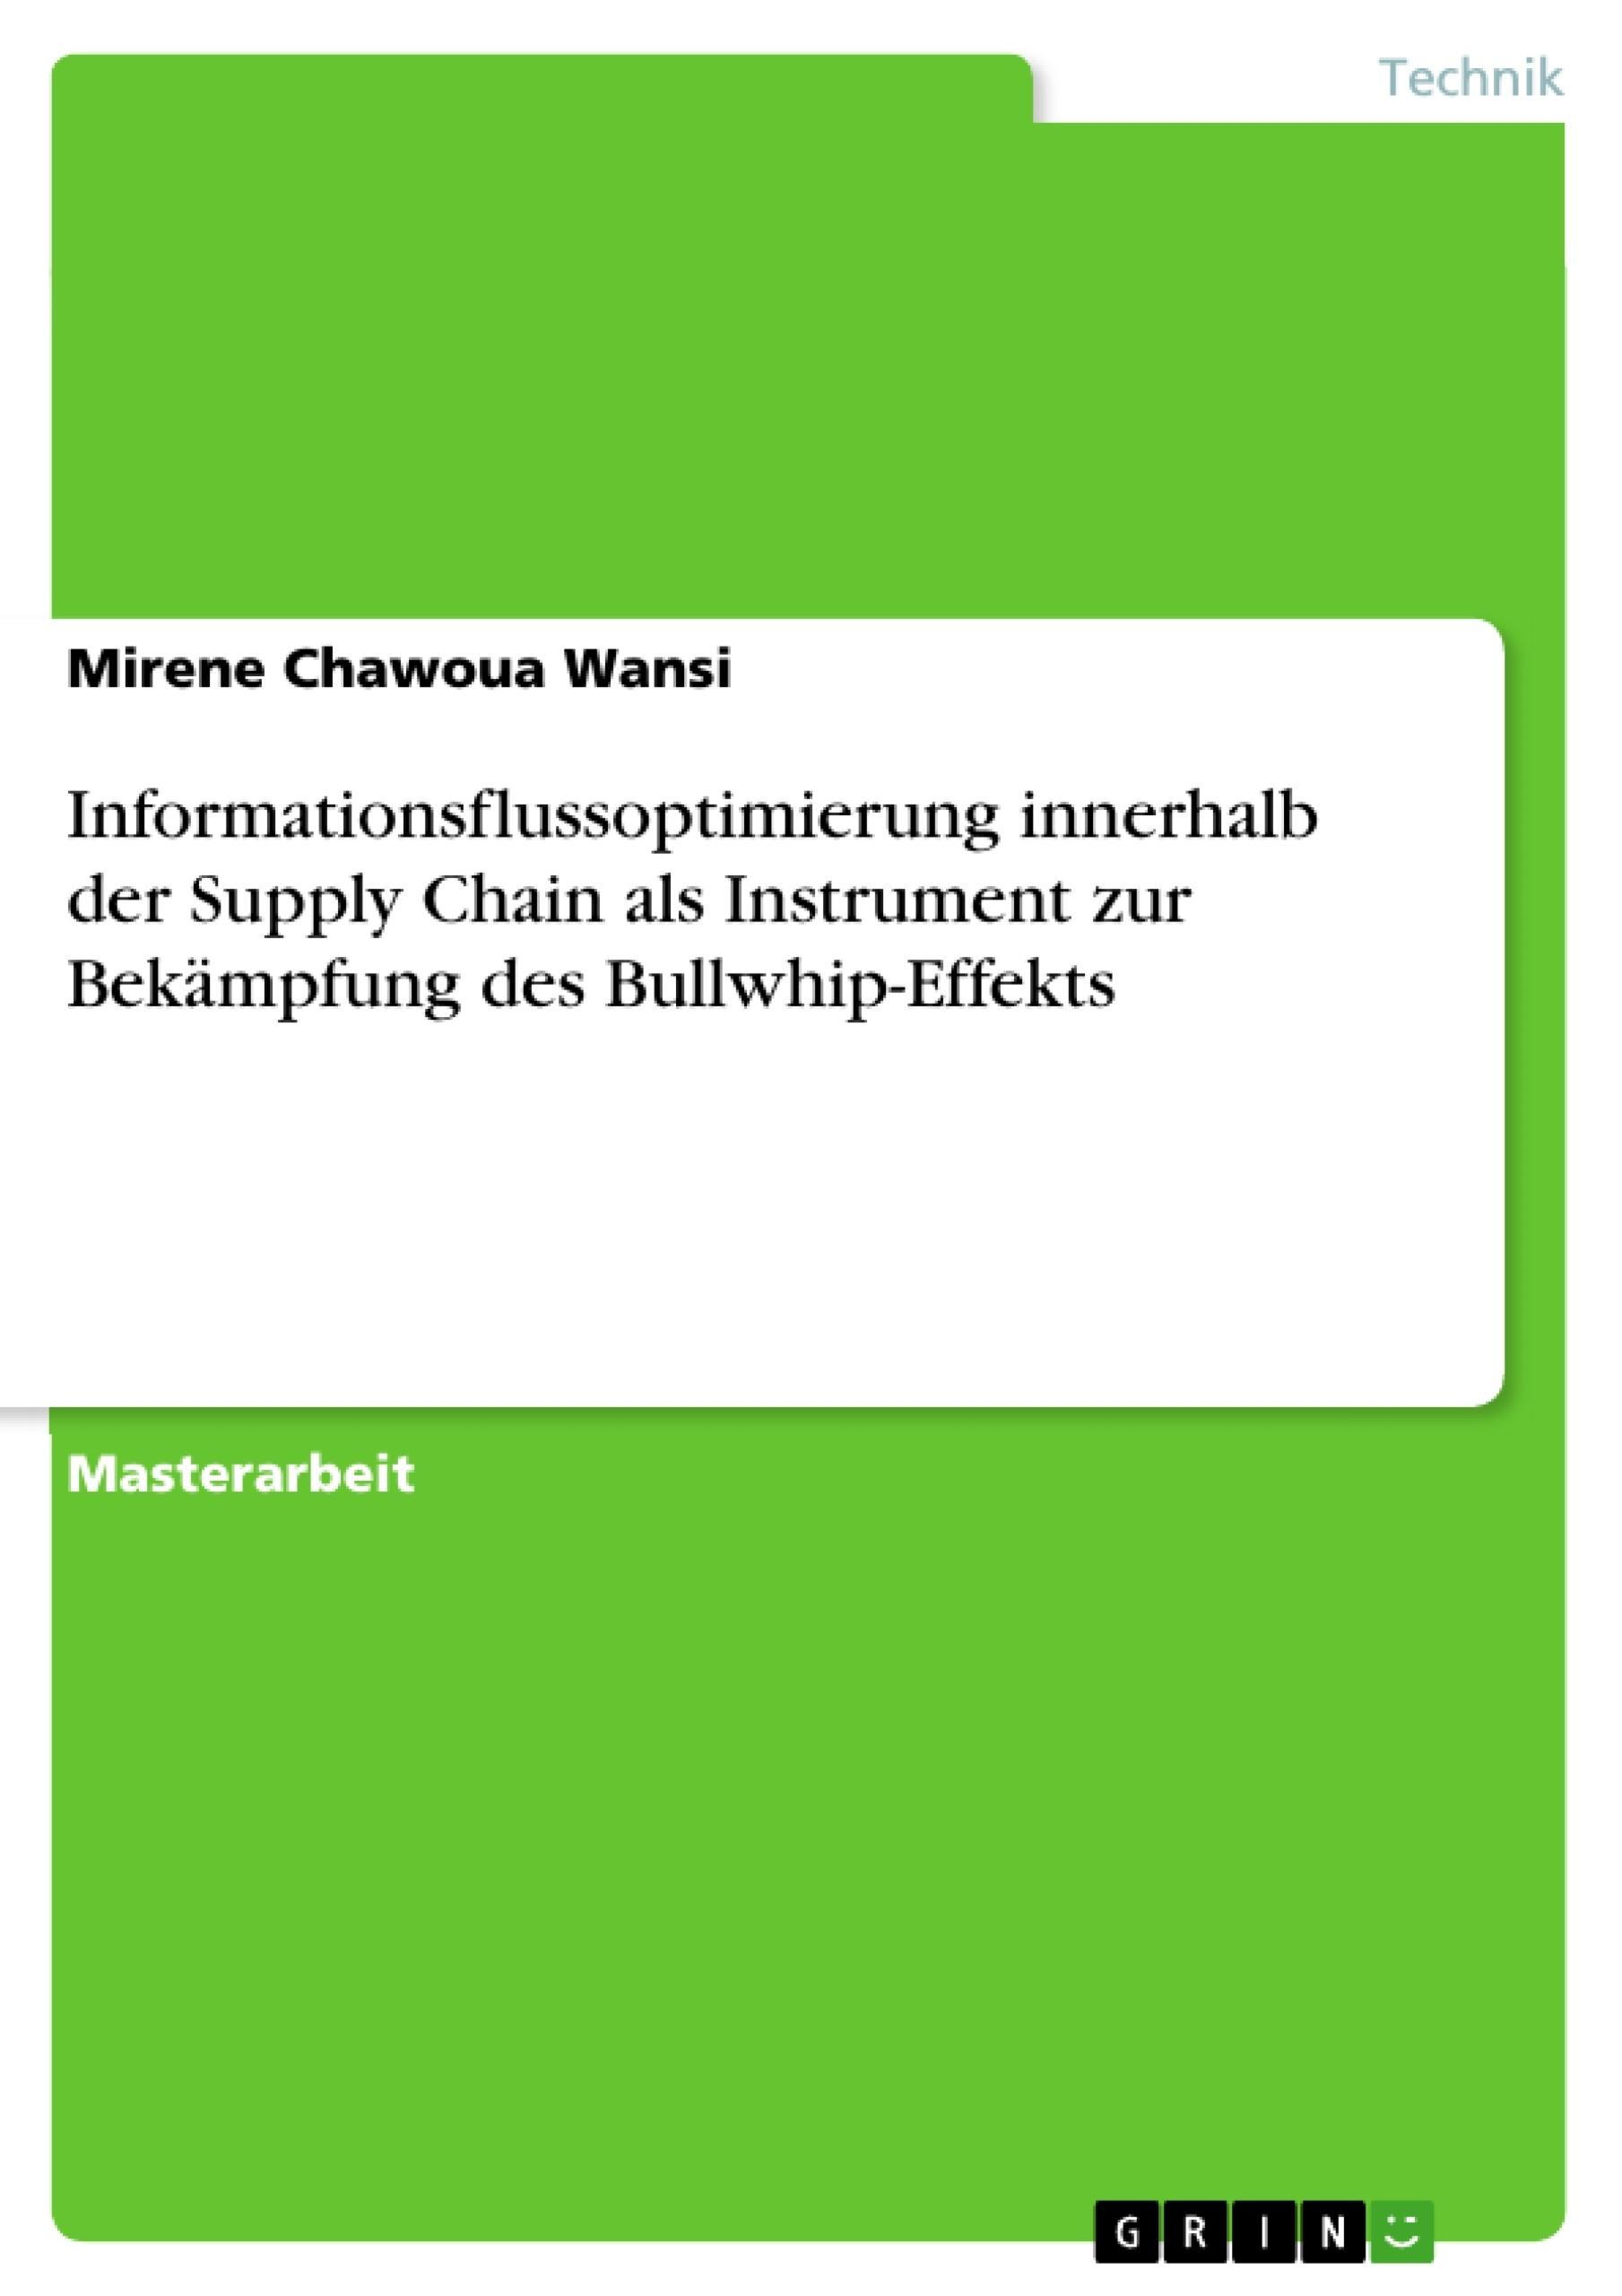 Titel: Informationsflussoptimierung innerhalb der Supply Chain als Instrument zur Bekämpfung des Bullwhip-Effekts